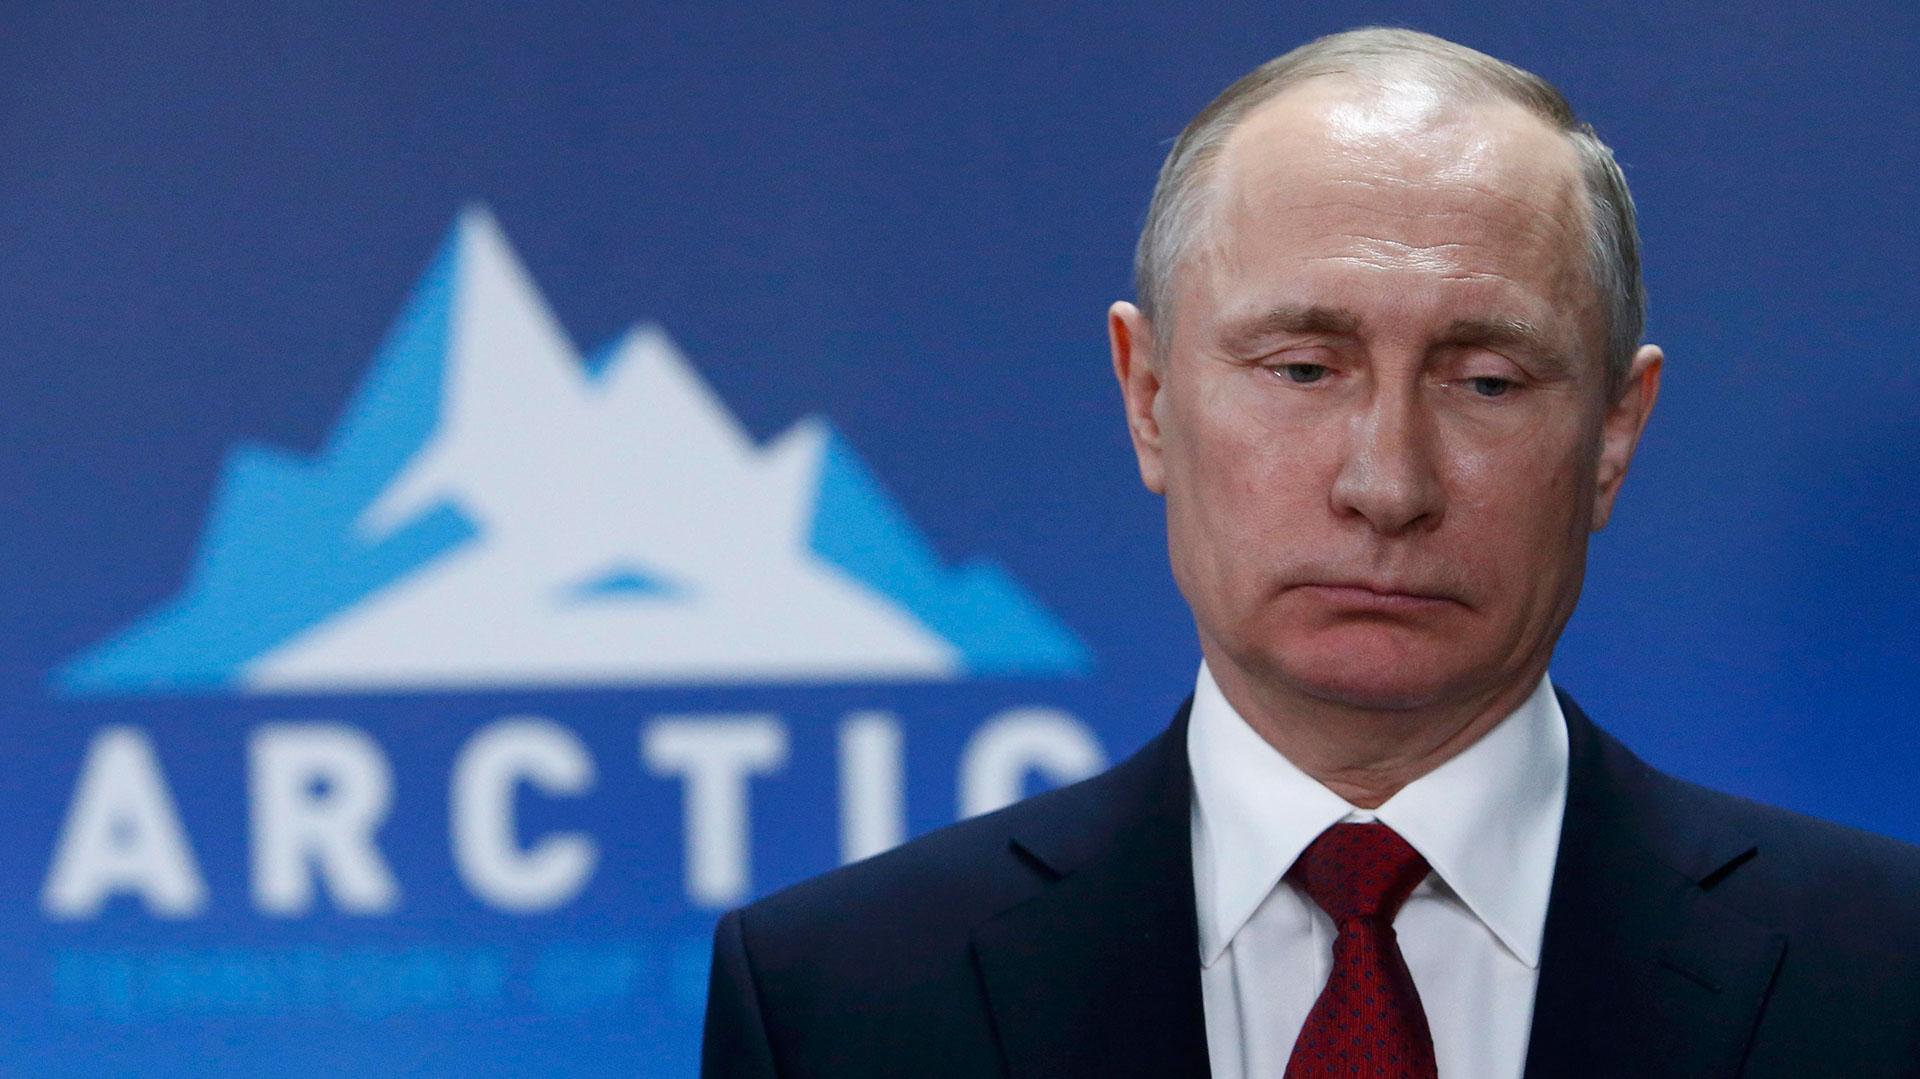 ¿Presidente o dictador? El opositor Garry Kasparov no tiene dudas sobre Vladimir Putin (Reuters)